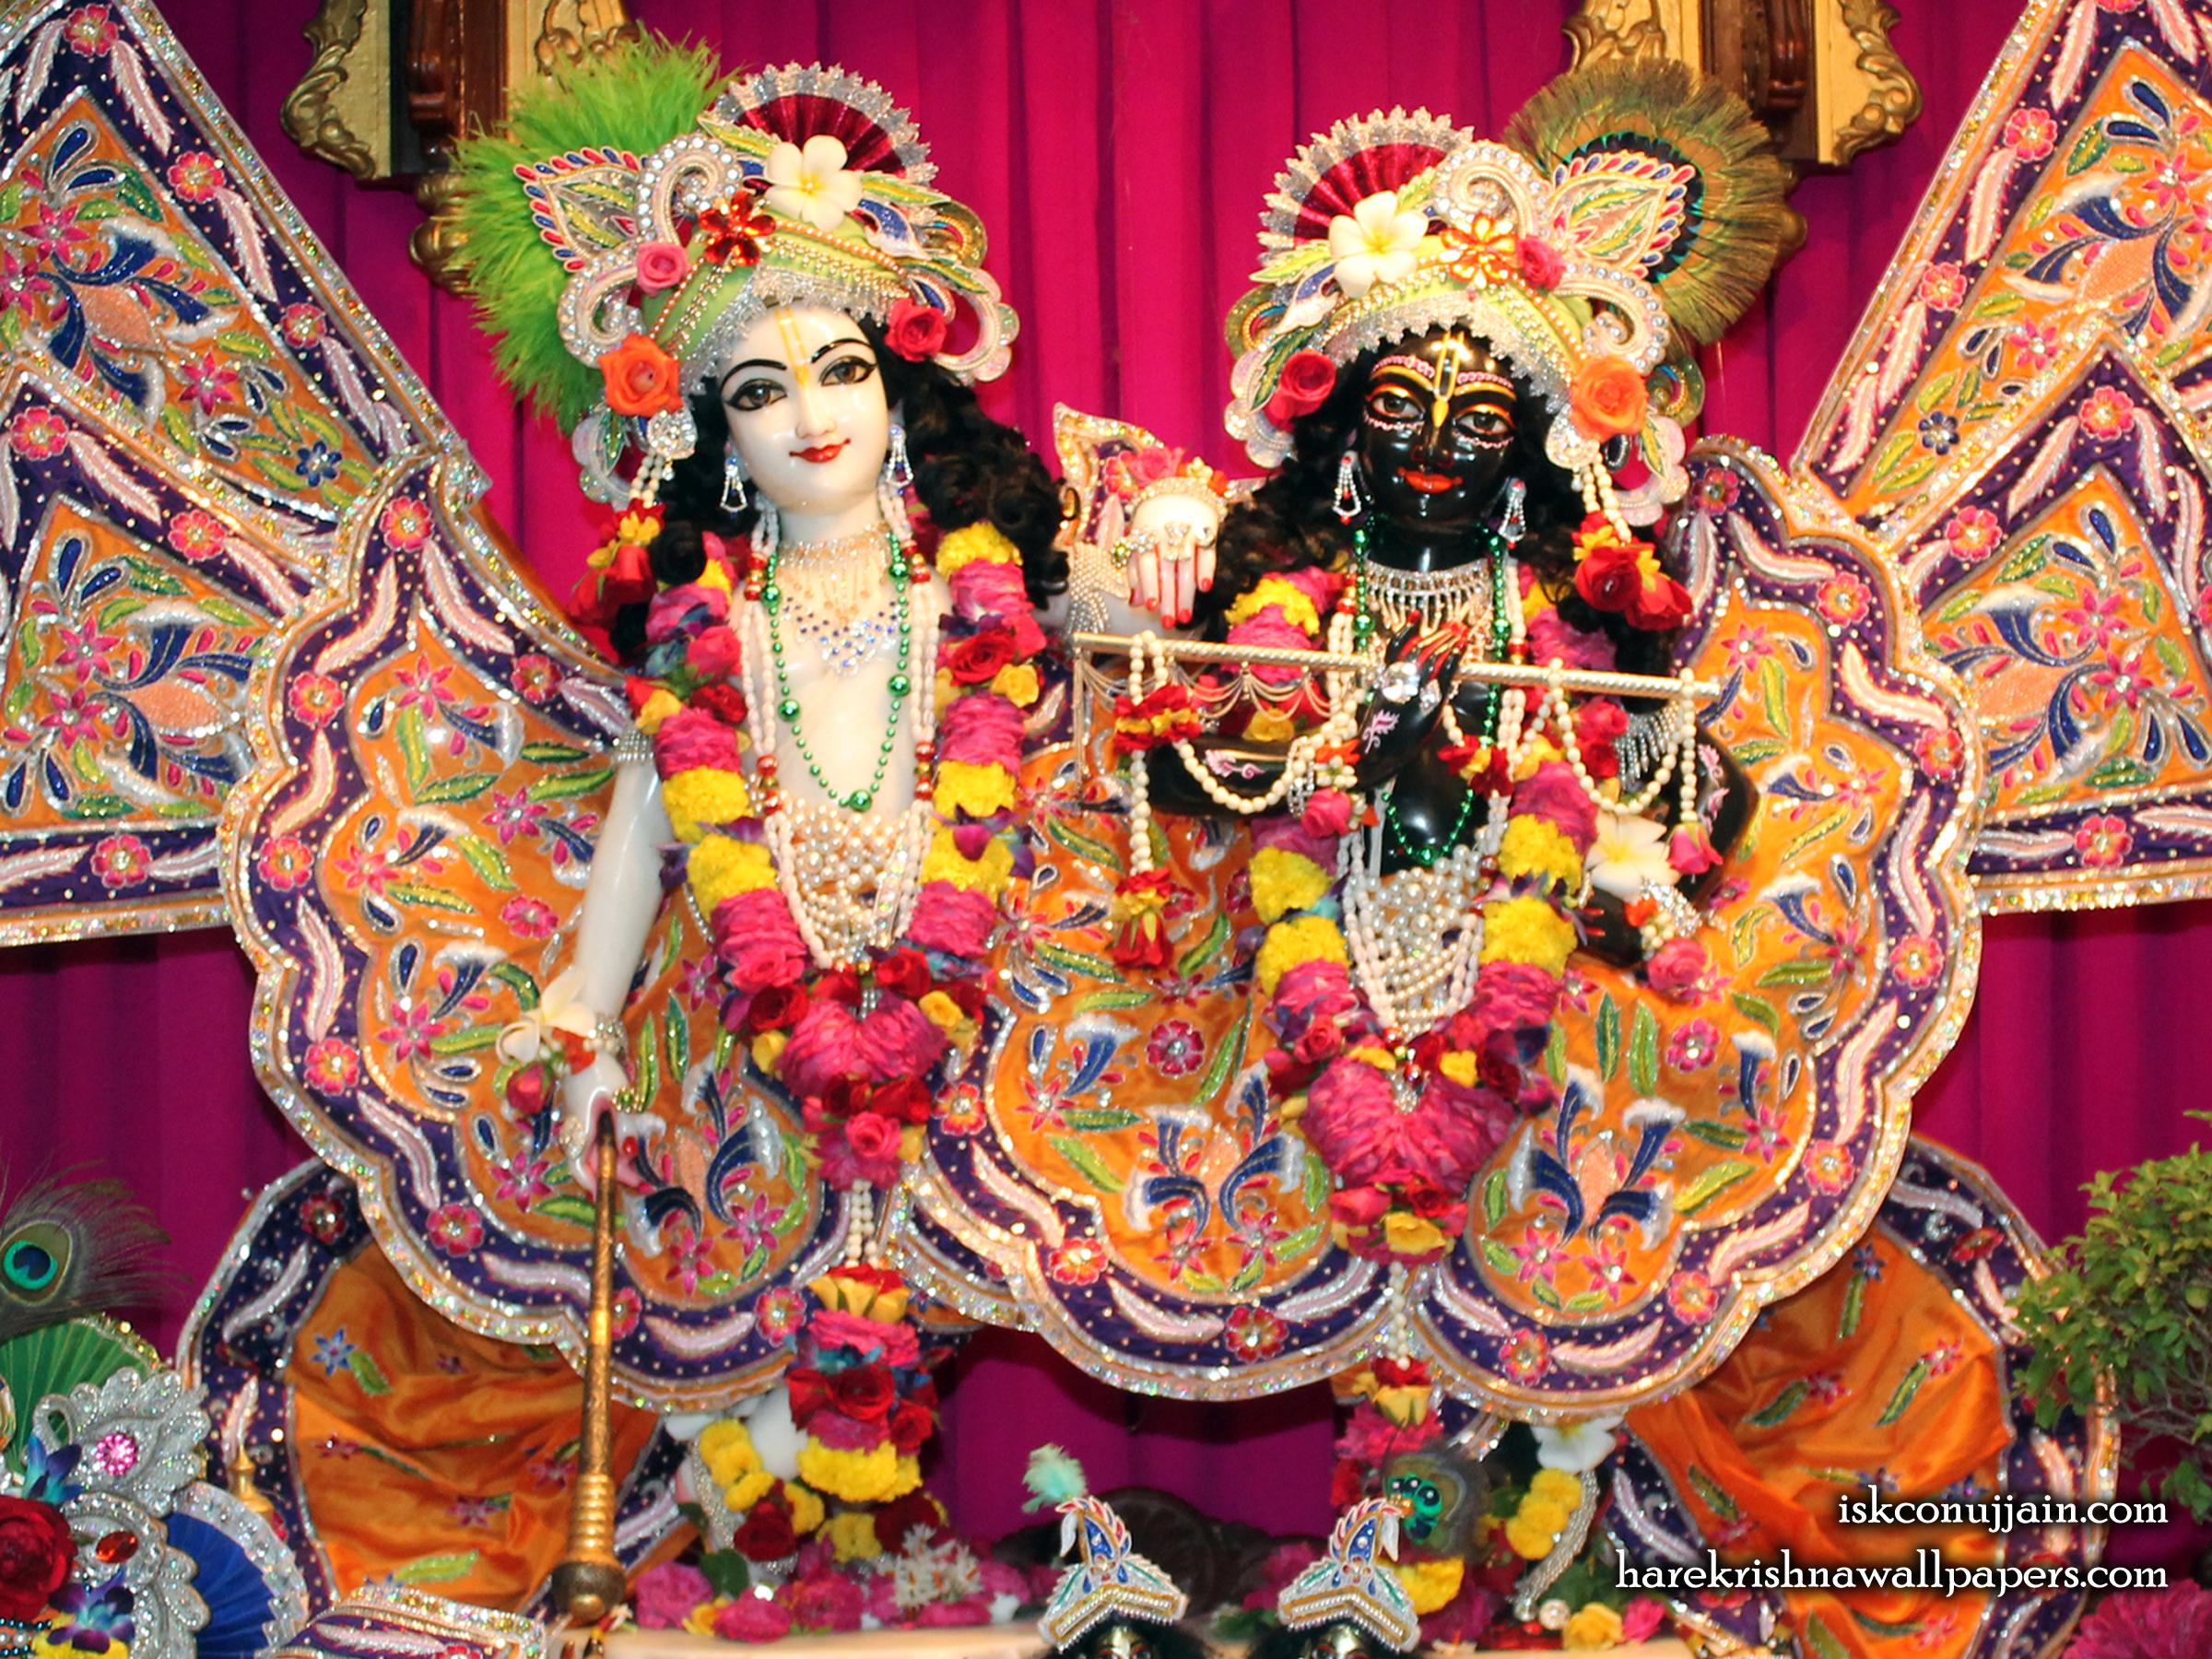 Sri Sri Krishna Balaram Wallpaper (013) Size 2400x1800 Download